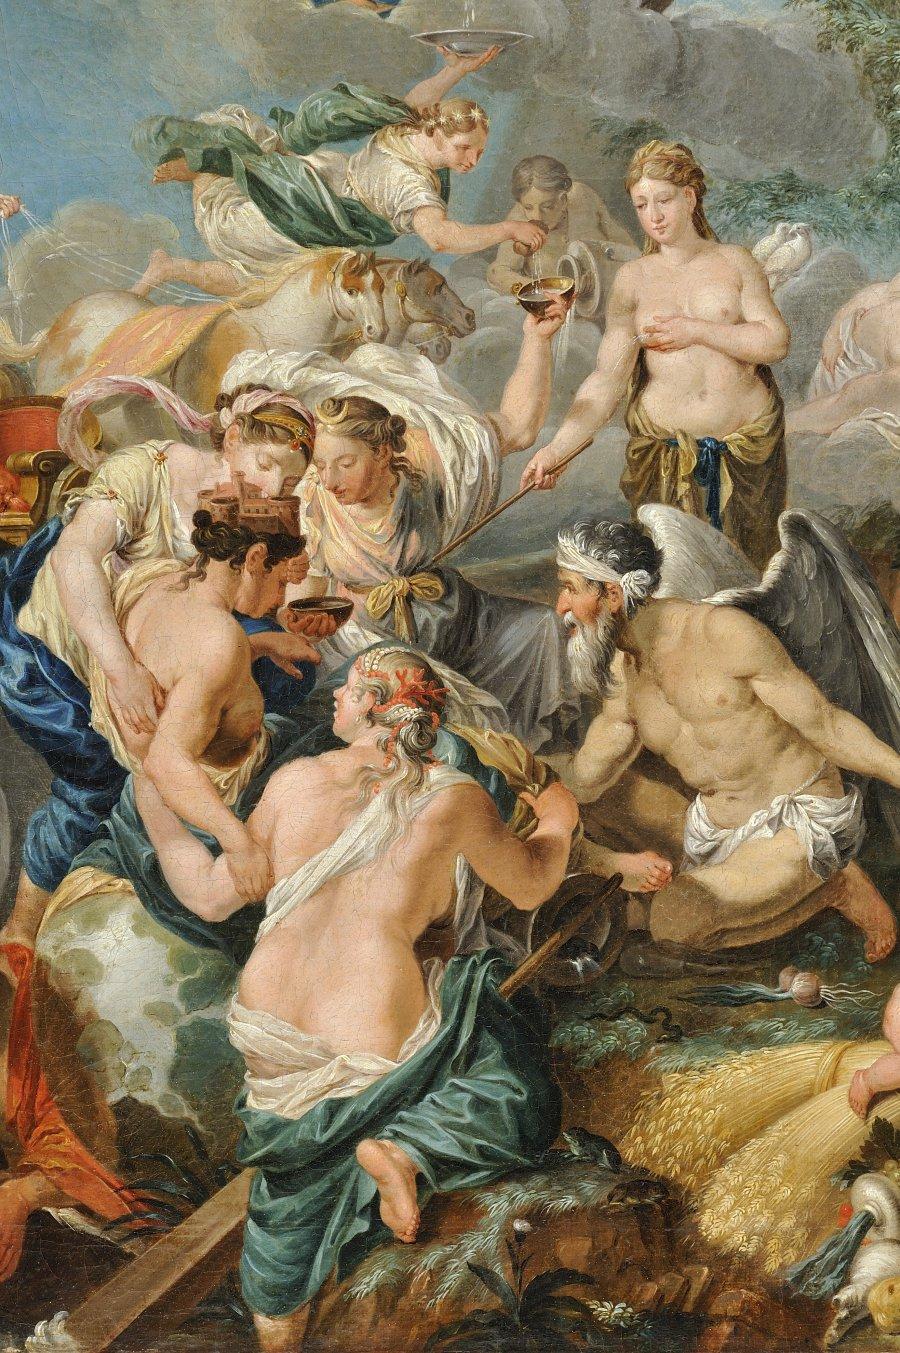 MYTOLOGICKÝ NÁMĚT - V ŘÍŠI FLORY